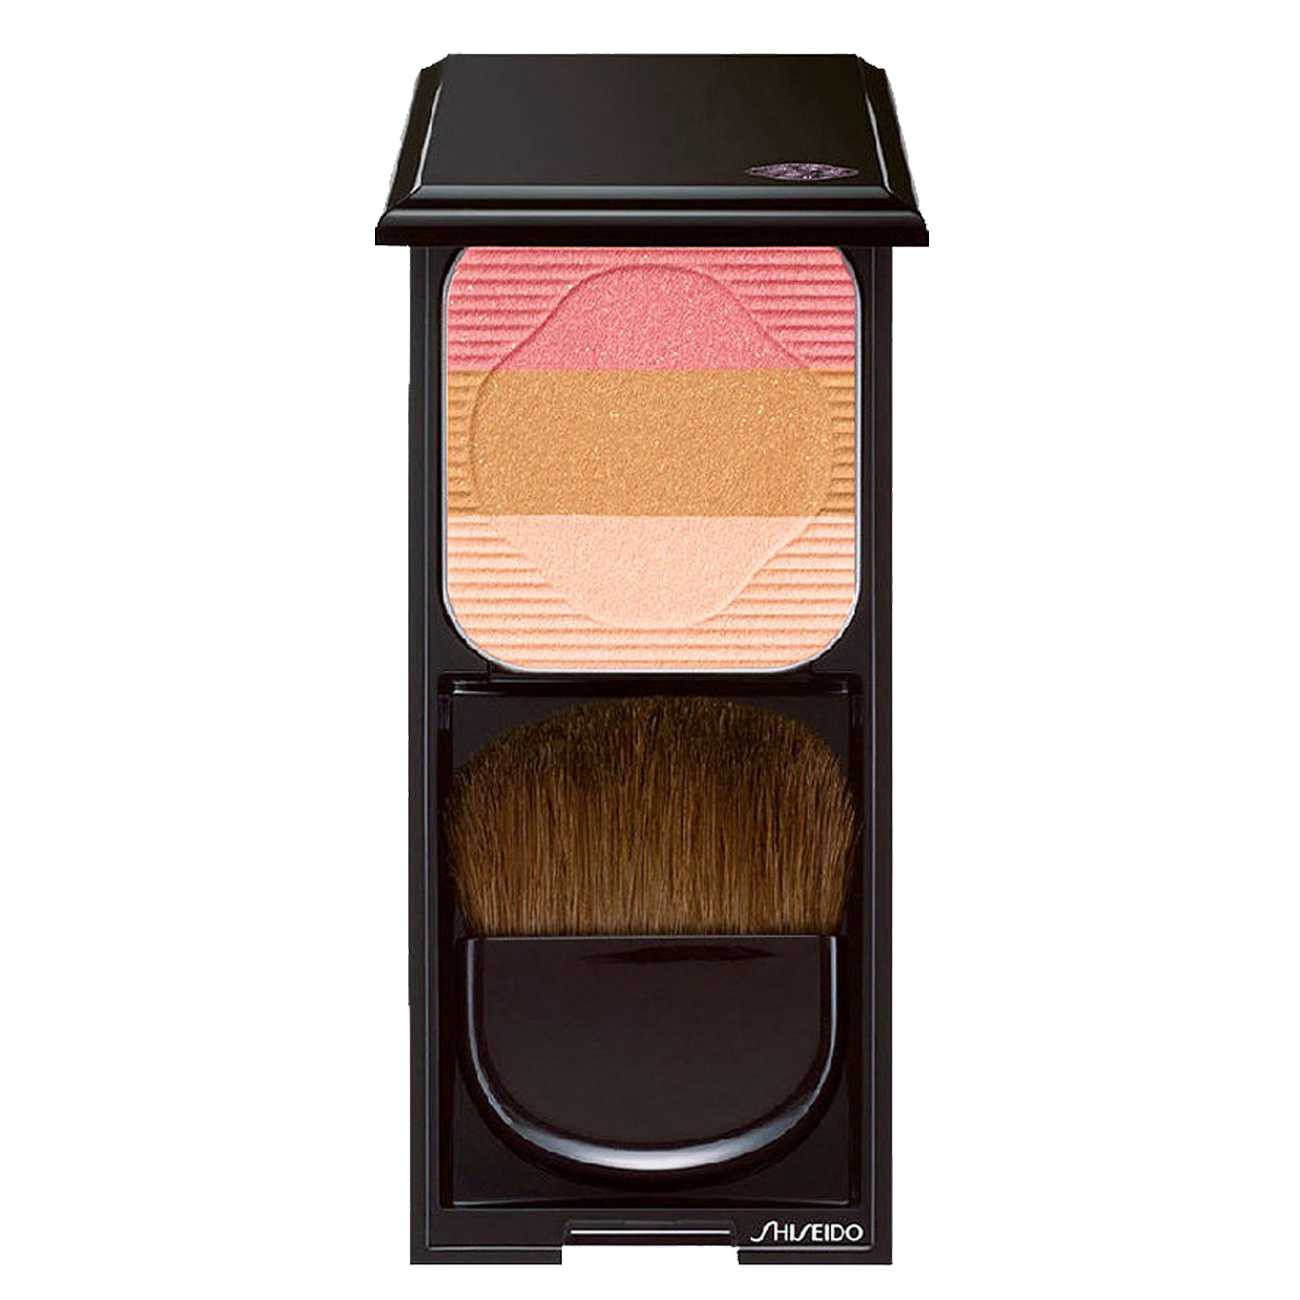 Face Color Enhancing Trio 7 G Trio Rd1 Shiseido imagine 2021 bestvalue.eu